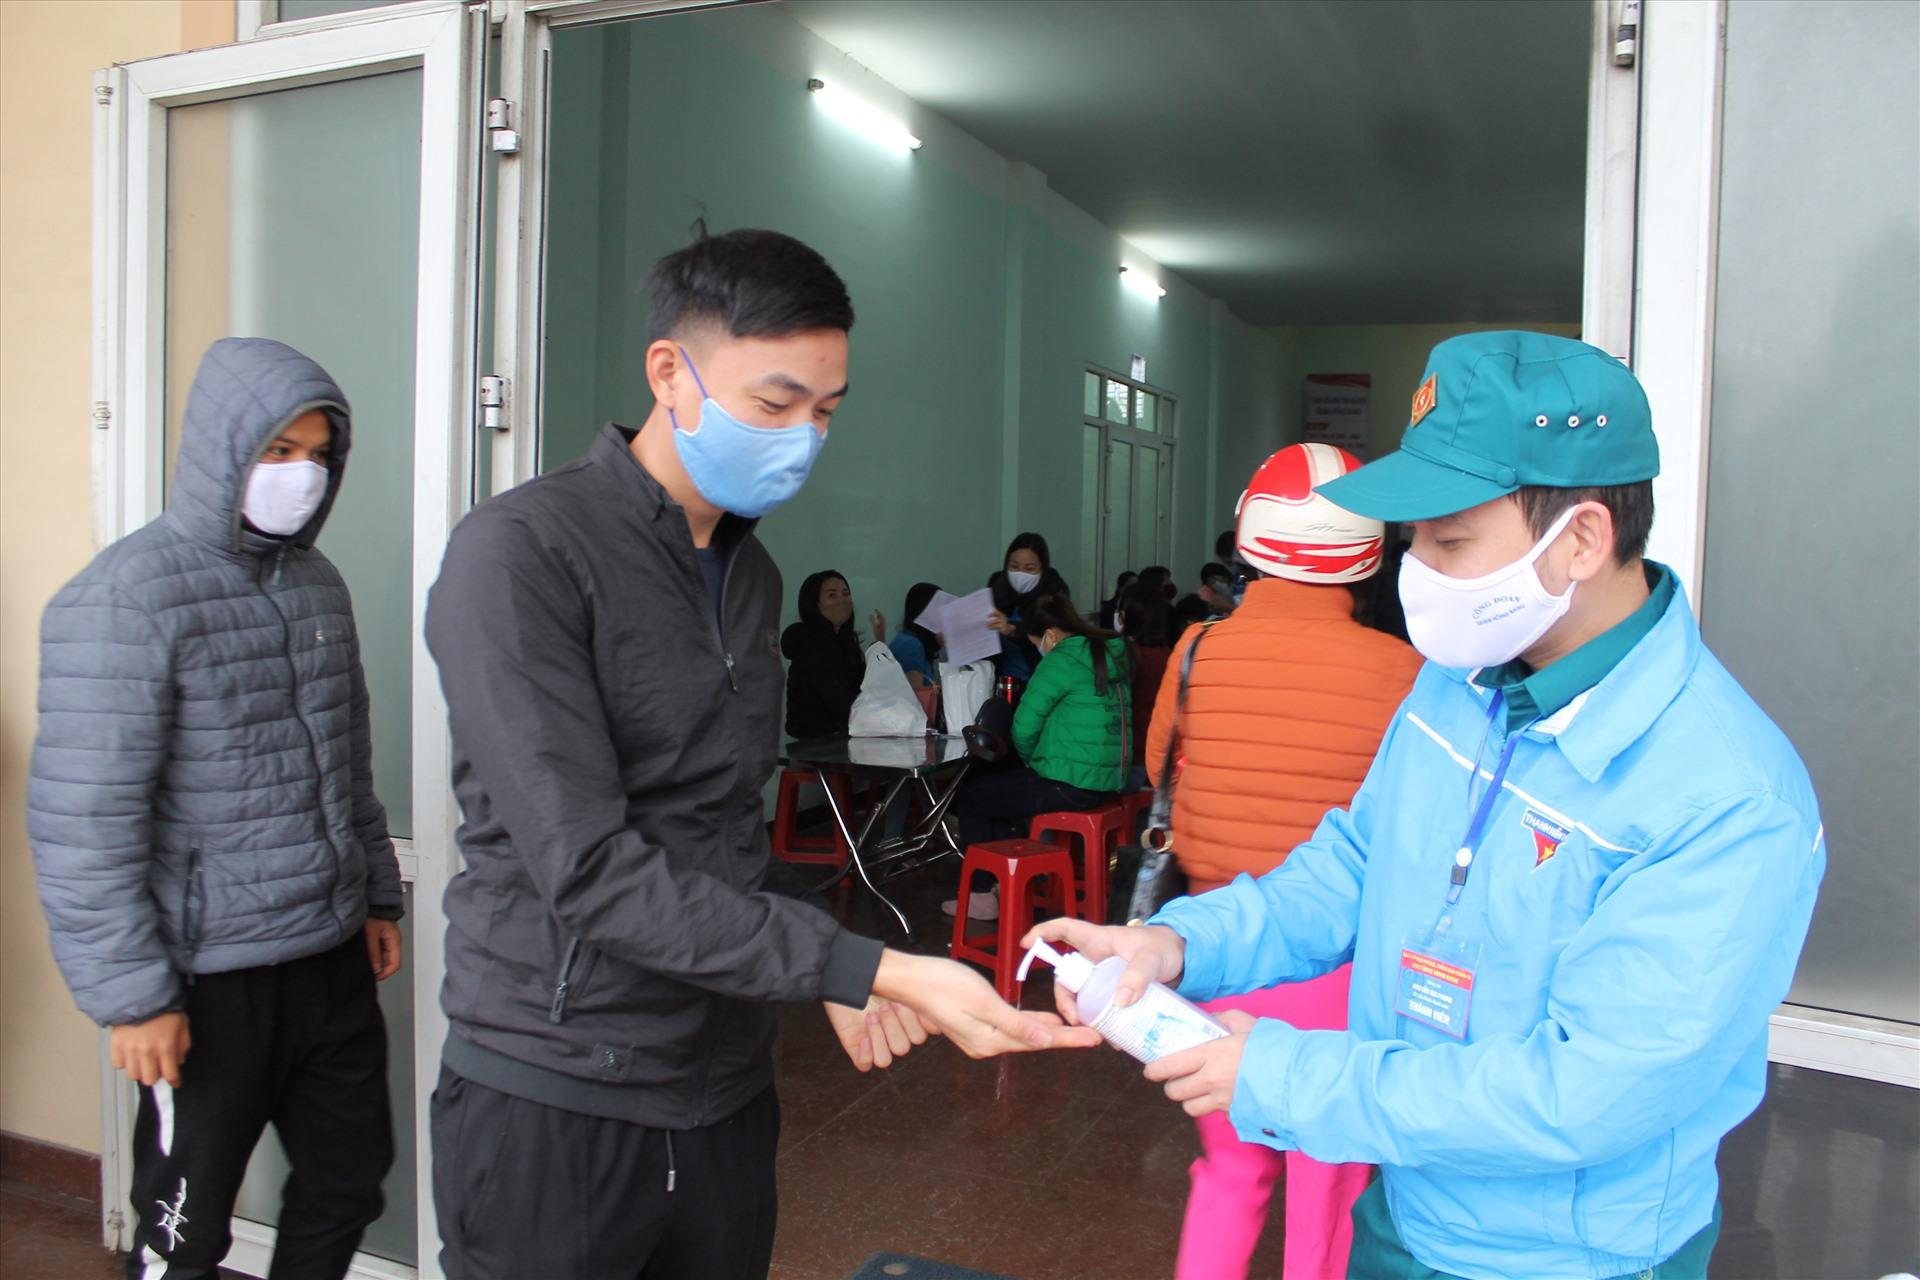 Cùng với việc hướng dẫn, tiếp nhận đăng kí hiến máu, ban tổ chức chú trọng công tác phòng dịch COVID-19. Ảnh Mai Dung